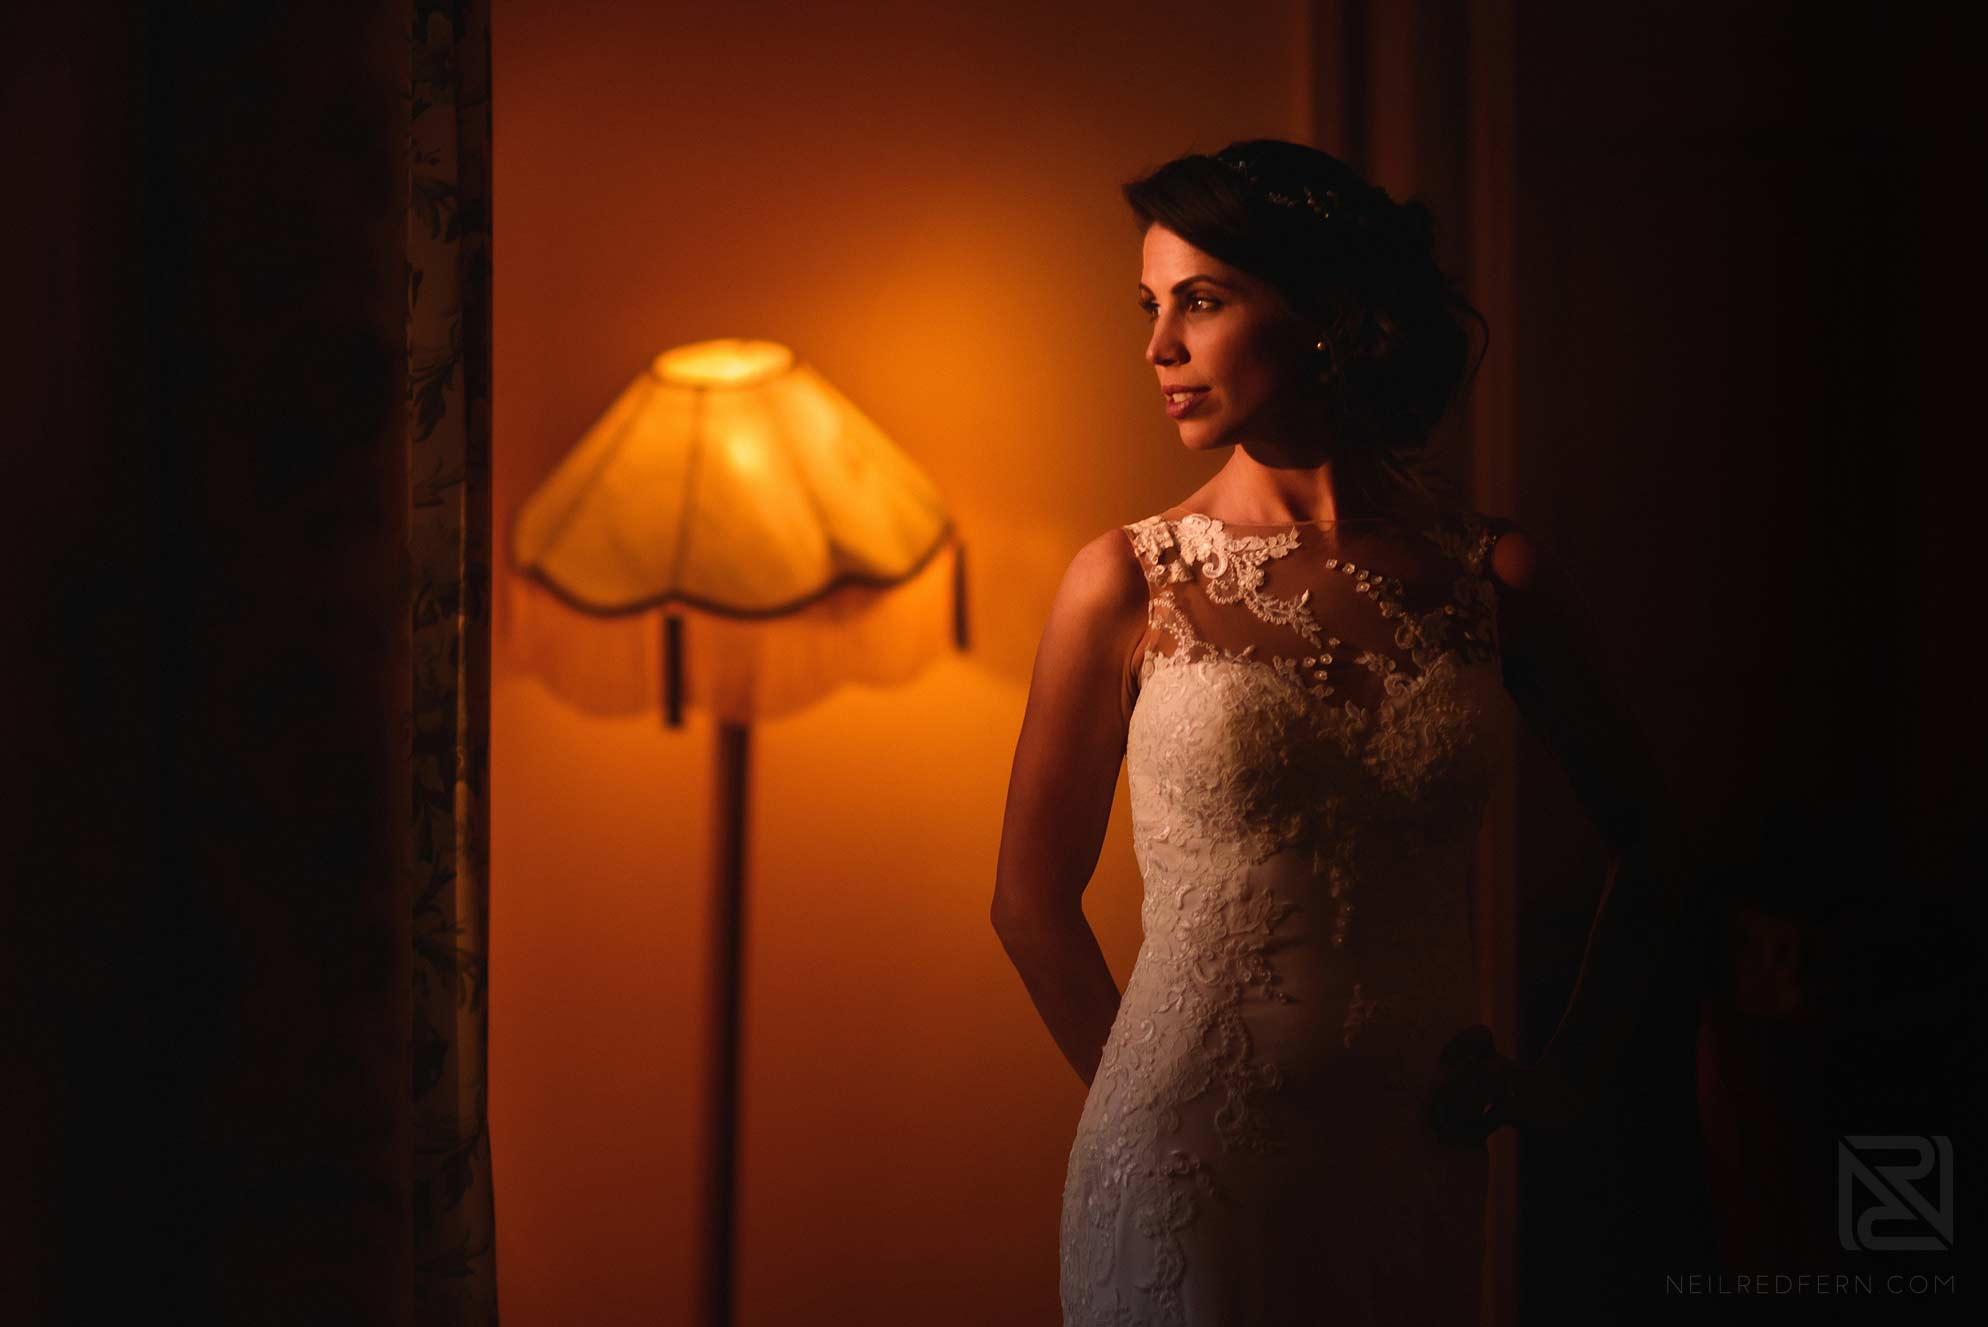 Nanteos-Mansion-wedding-photographs-52